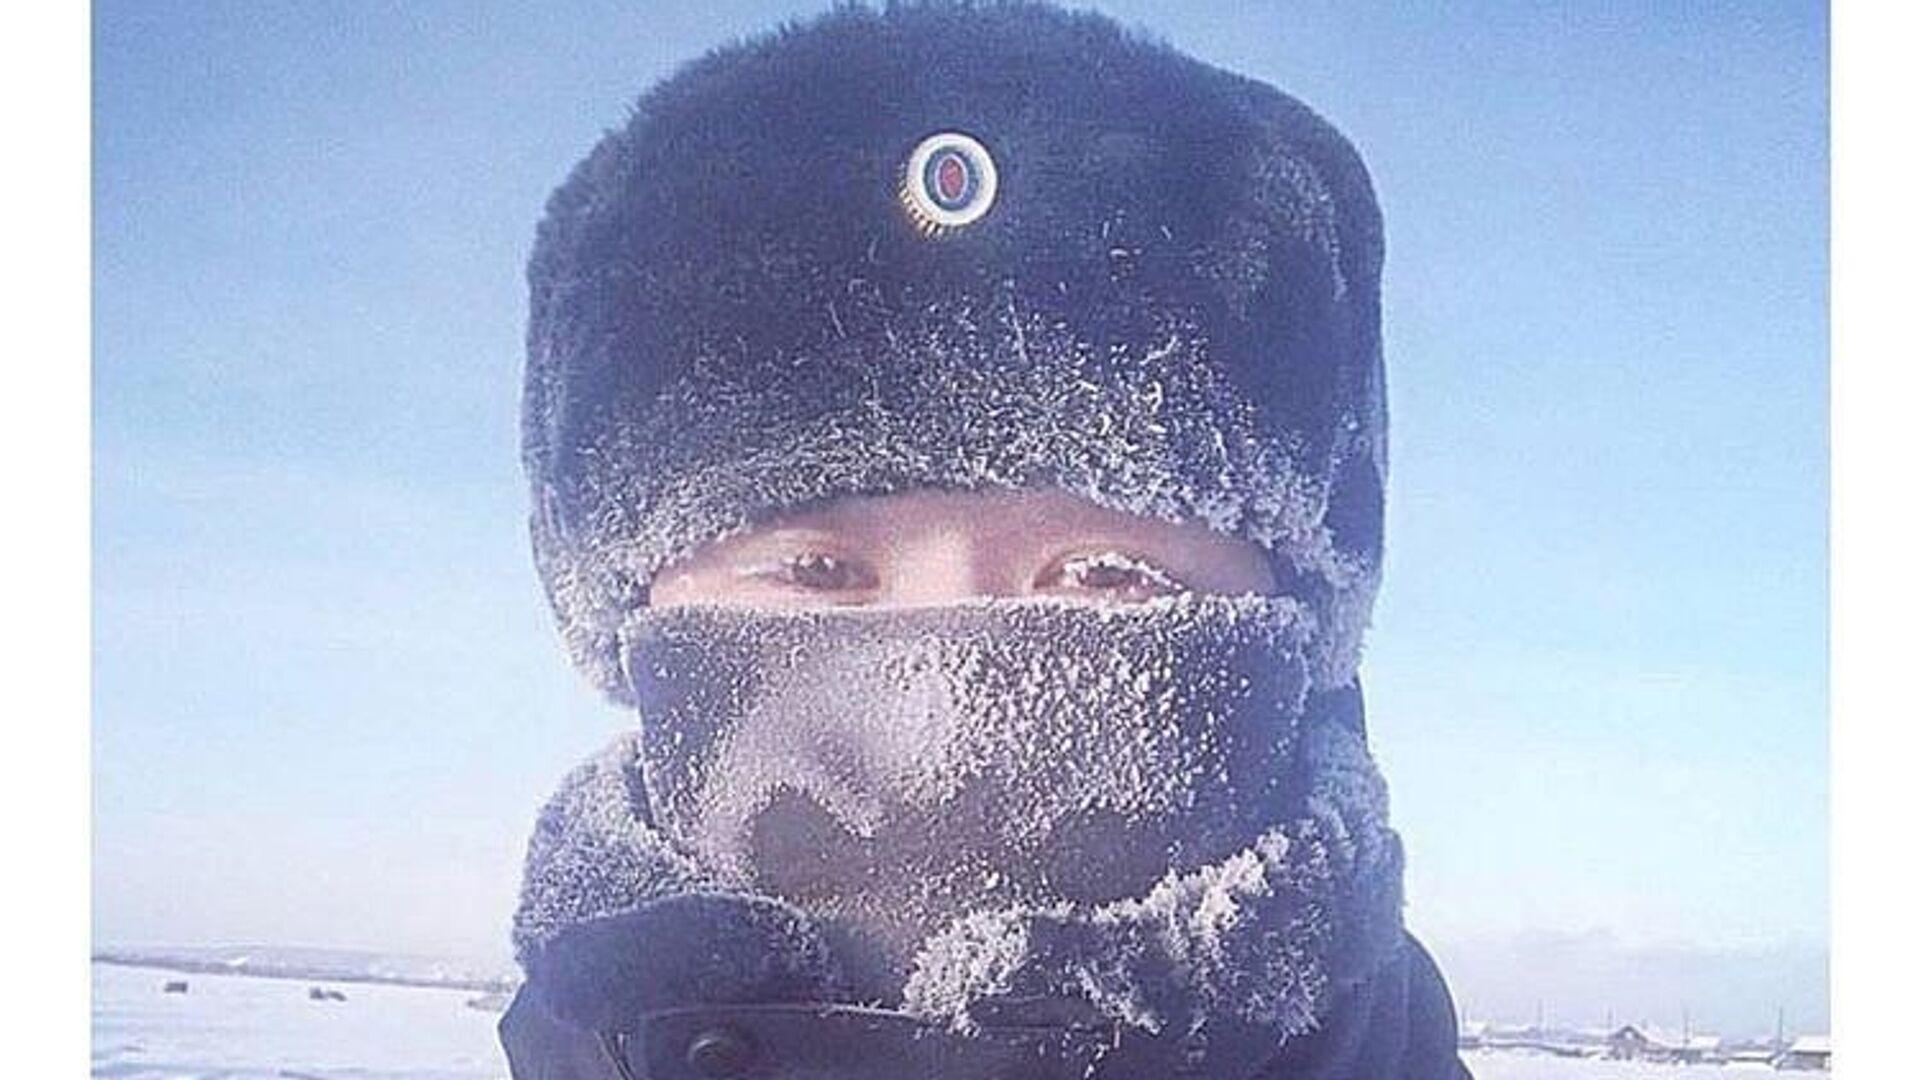 Флешмоб с фотографиями заснеженных от мороза ресниц организовали сотрудники правоохранительных органов Якути - РИА Новости, 1920, 02.10.2020